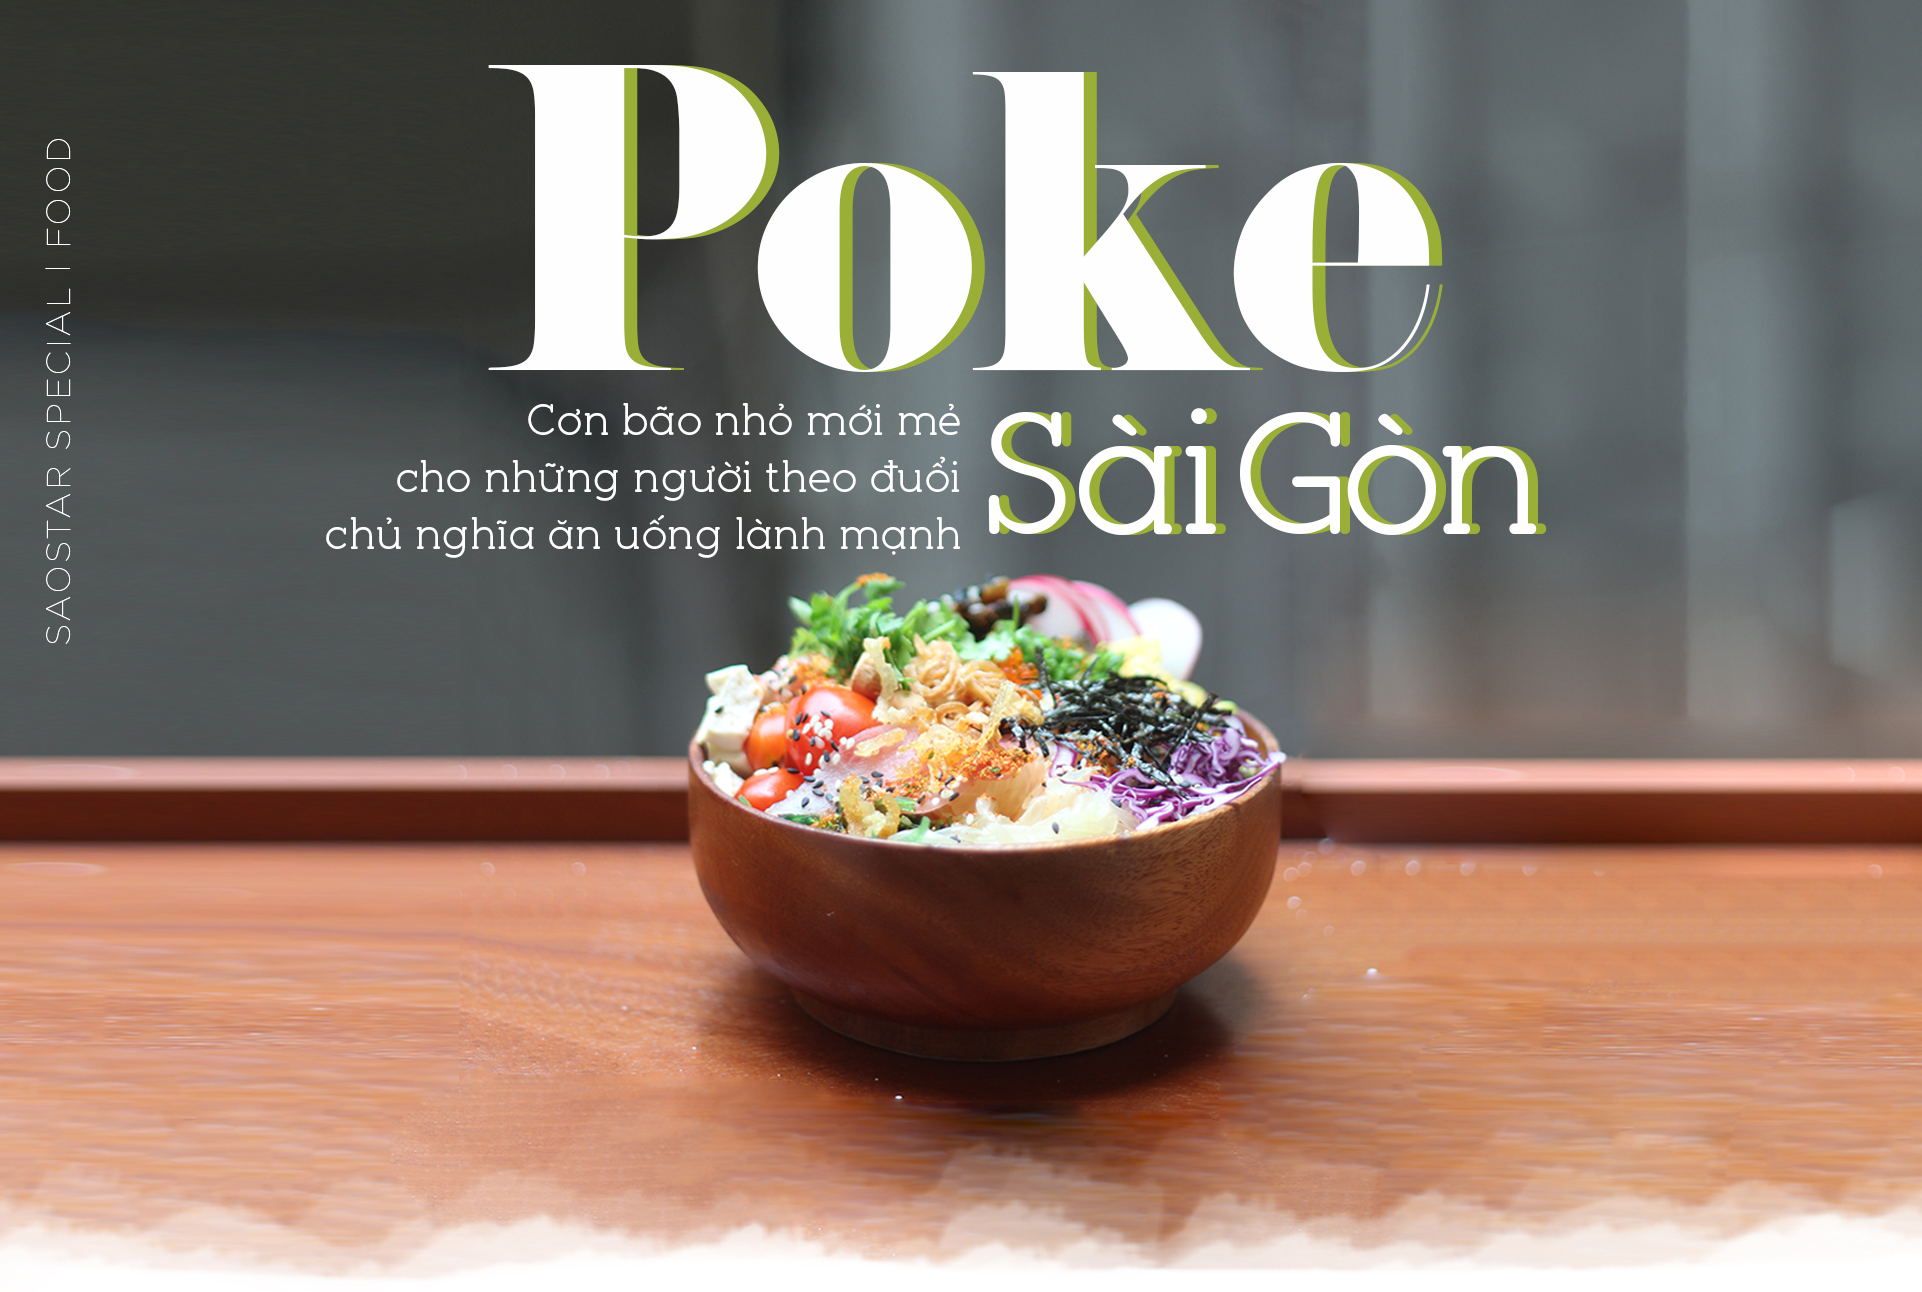 Poke Saigon - Cơn bão nhỏ mới mẻ cho những người theo đuổi chủ nghĩa ăn uống lành mạnh